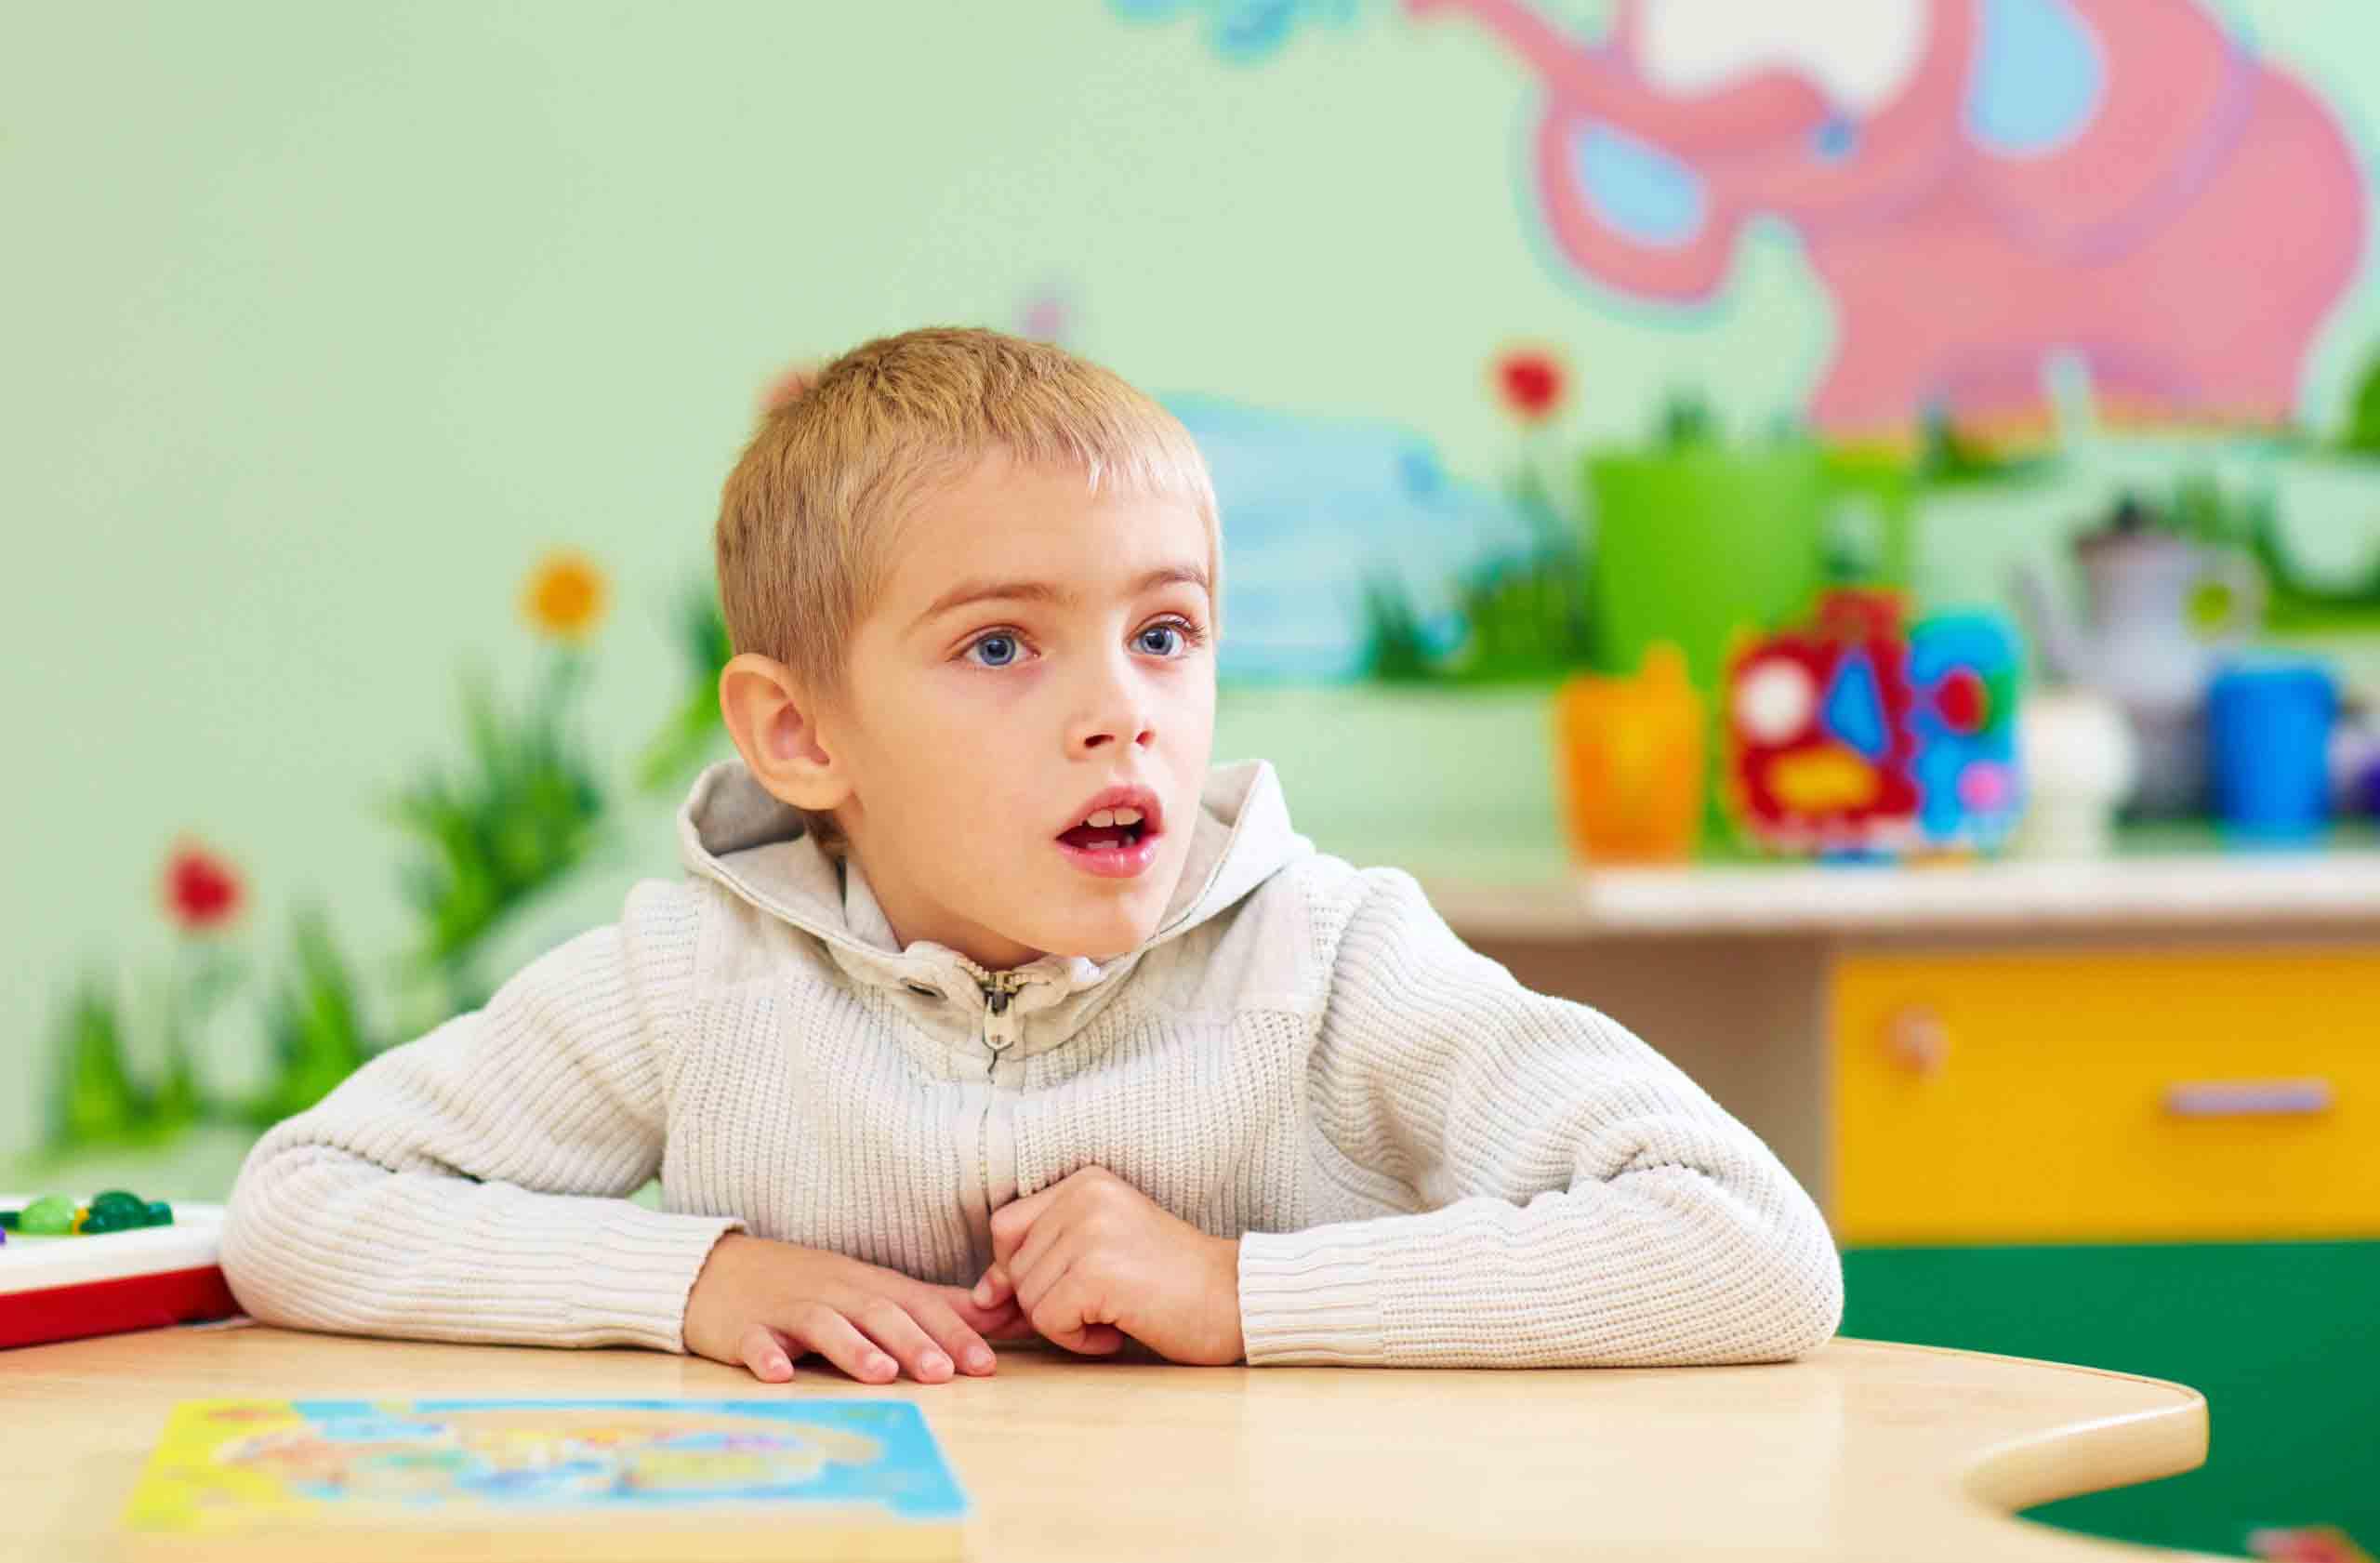 اختلال اوتیسم در کودکان   مرکز خدمات پرستاری پارسیان مهرپرور